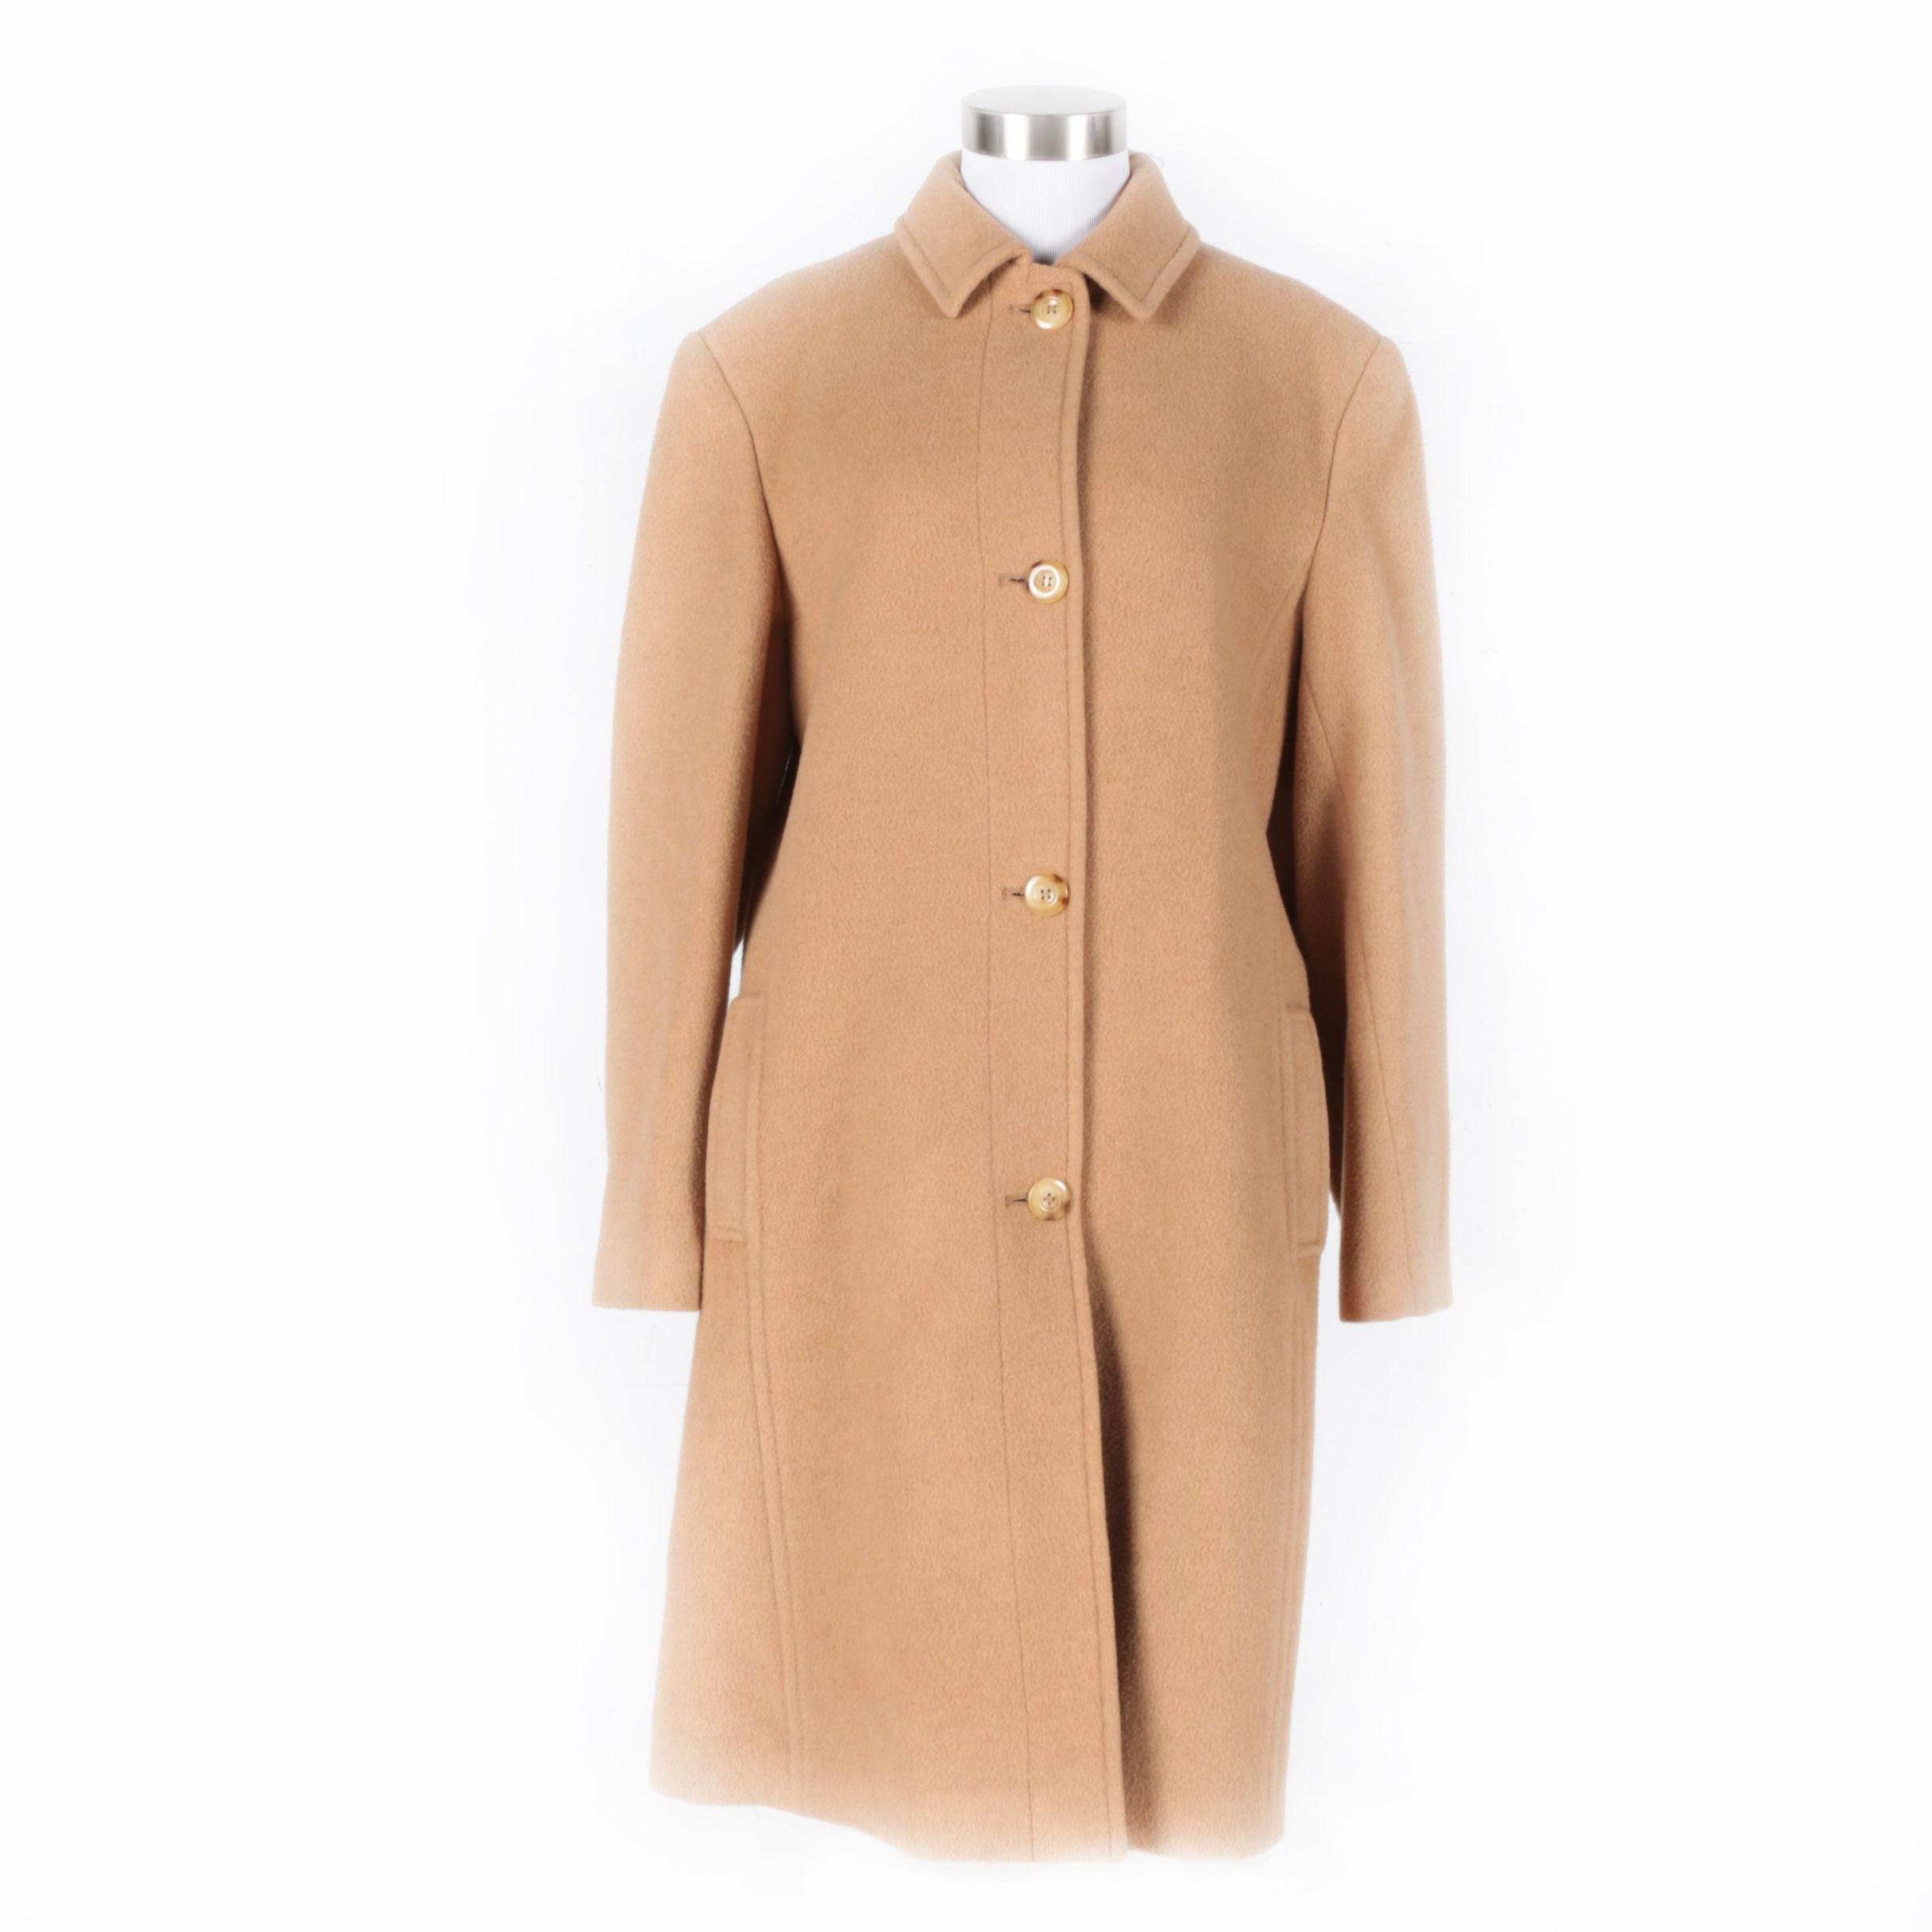 Bill Blass 100% Camel Hair Coat for Women